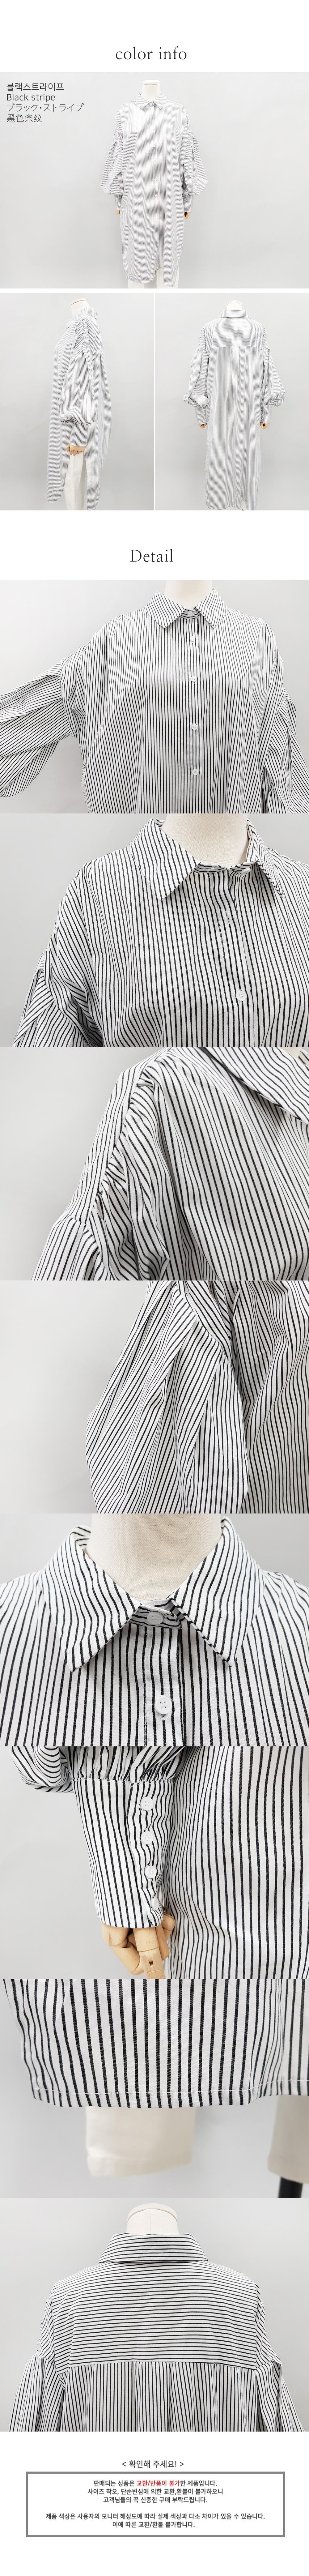 루즈 벌룬소매 스트라이프 롱 셔츠 - 정스토어, 36,800원, 여성비치웨어, 기타비치웨어